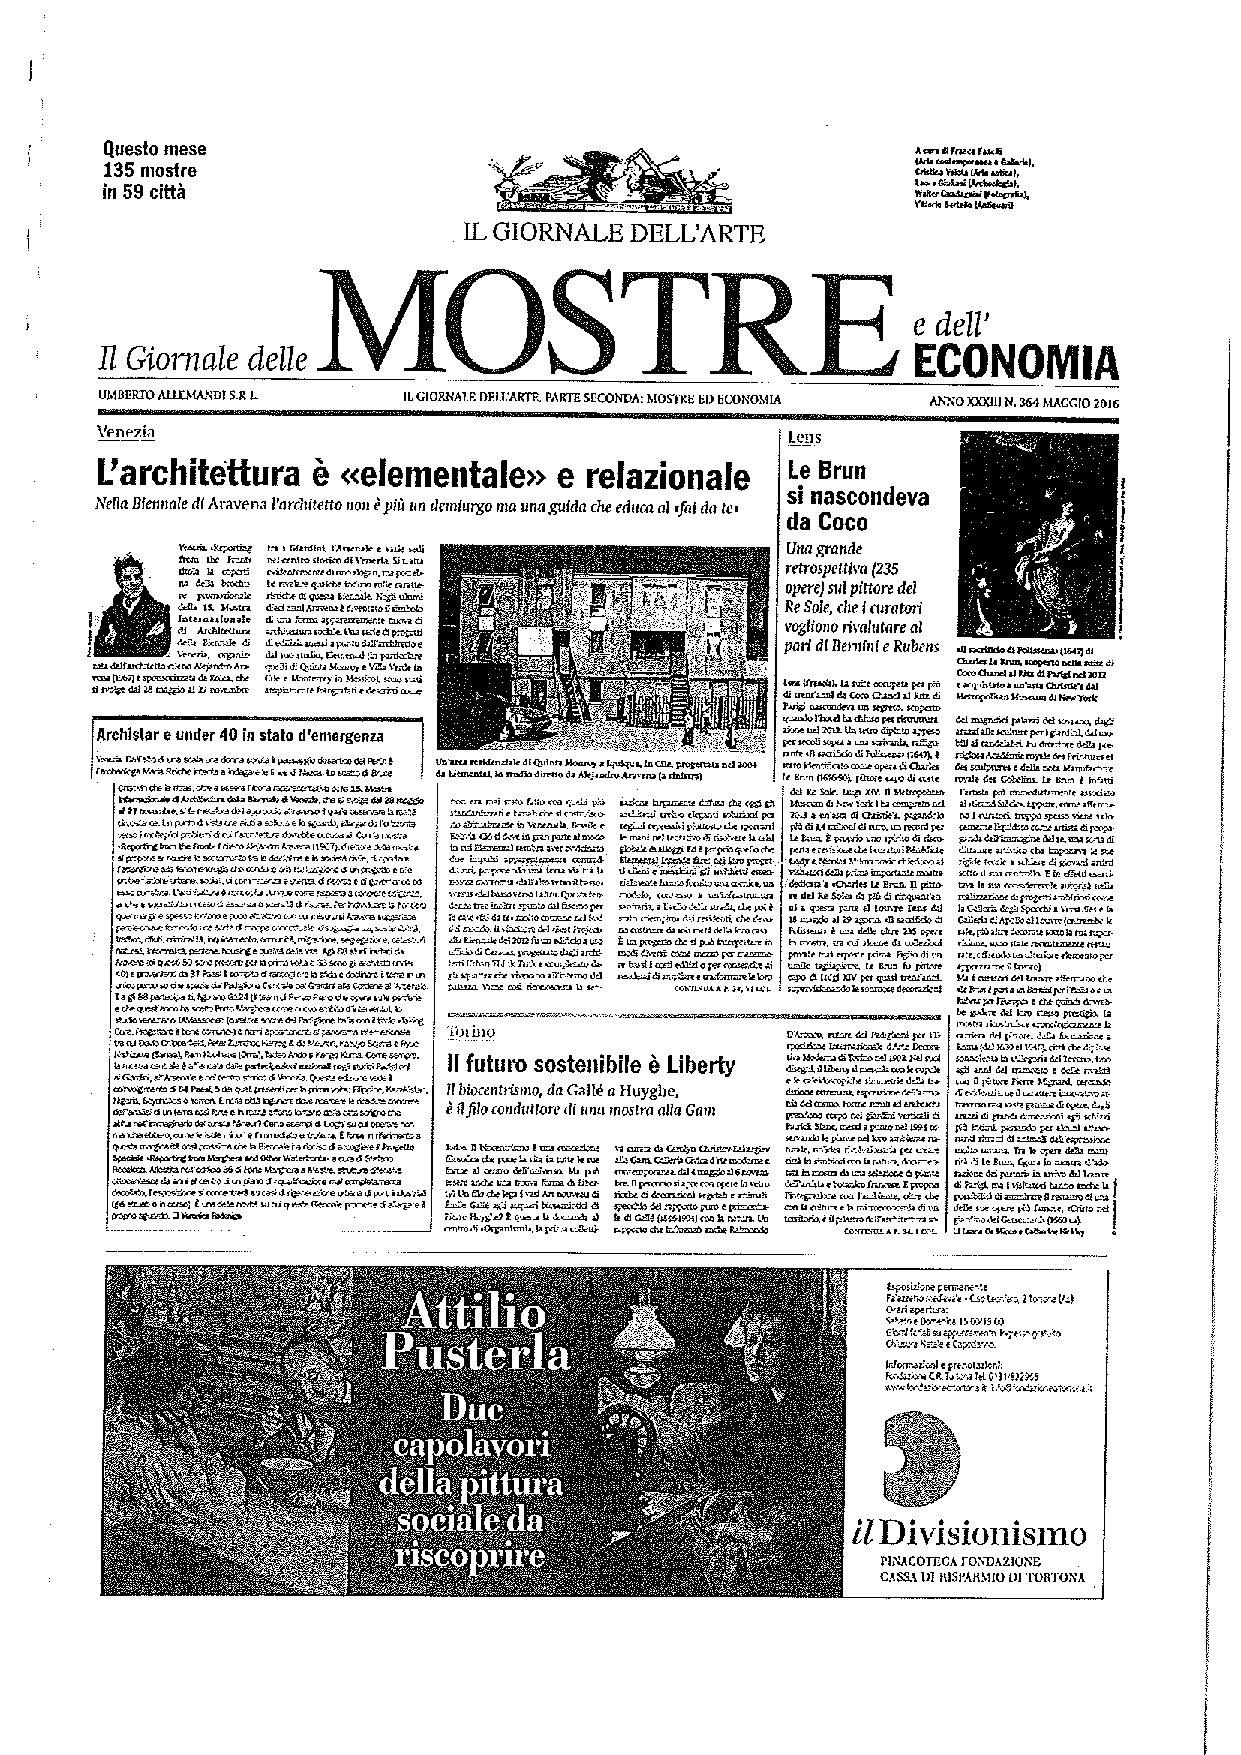 ilGiornaleDelleMostre-Maggio2016-1